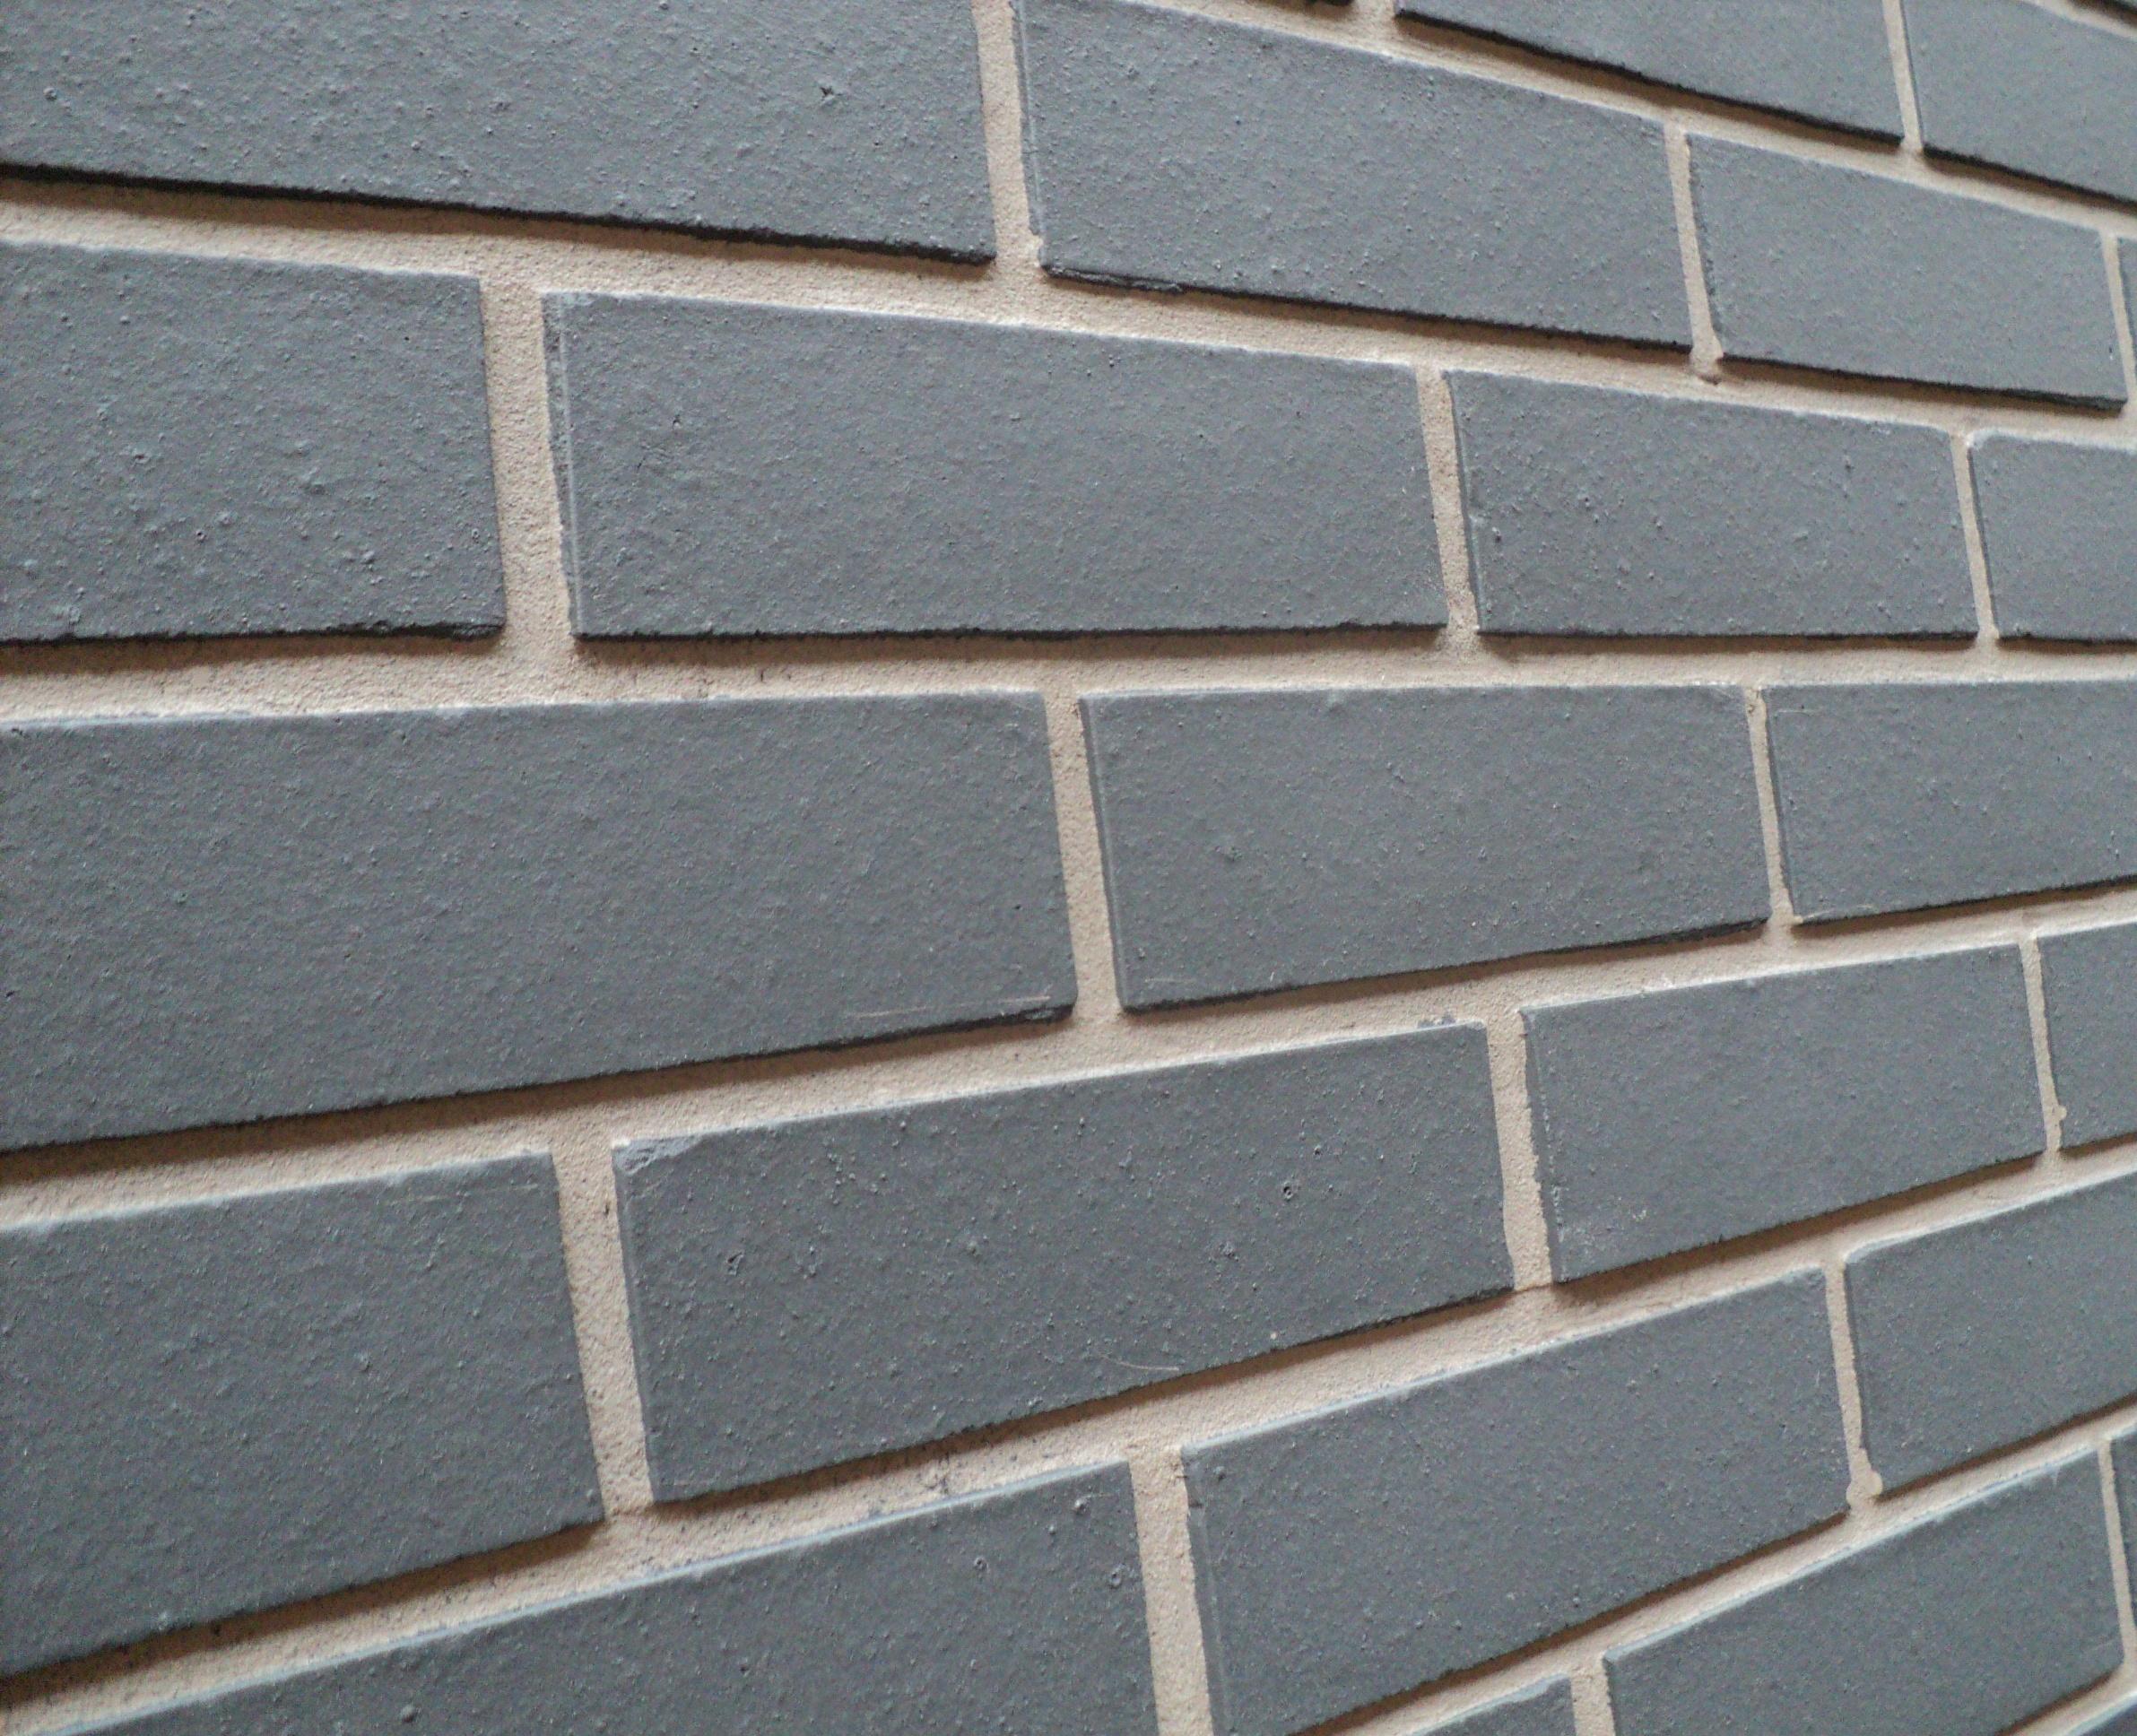 Baggeridge Blue Engineering Brick Effect